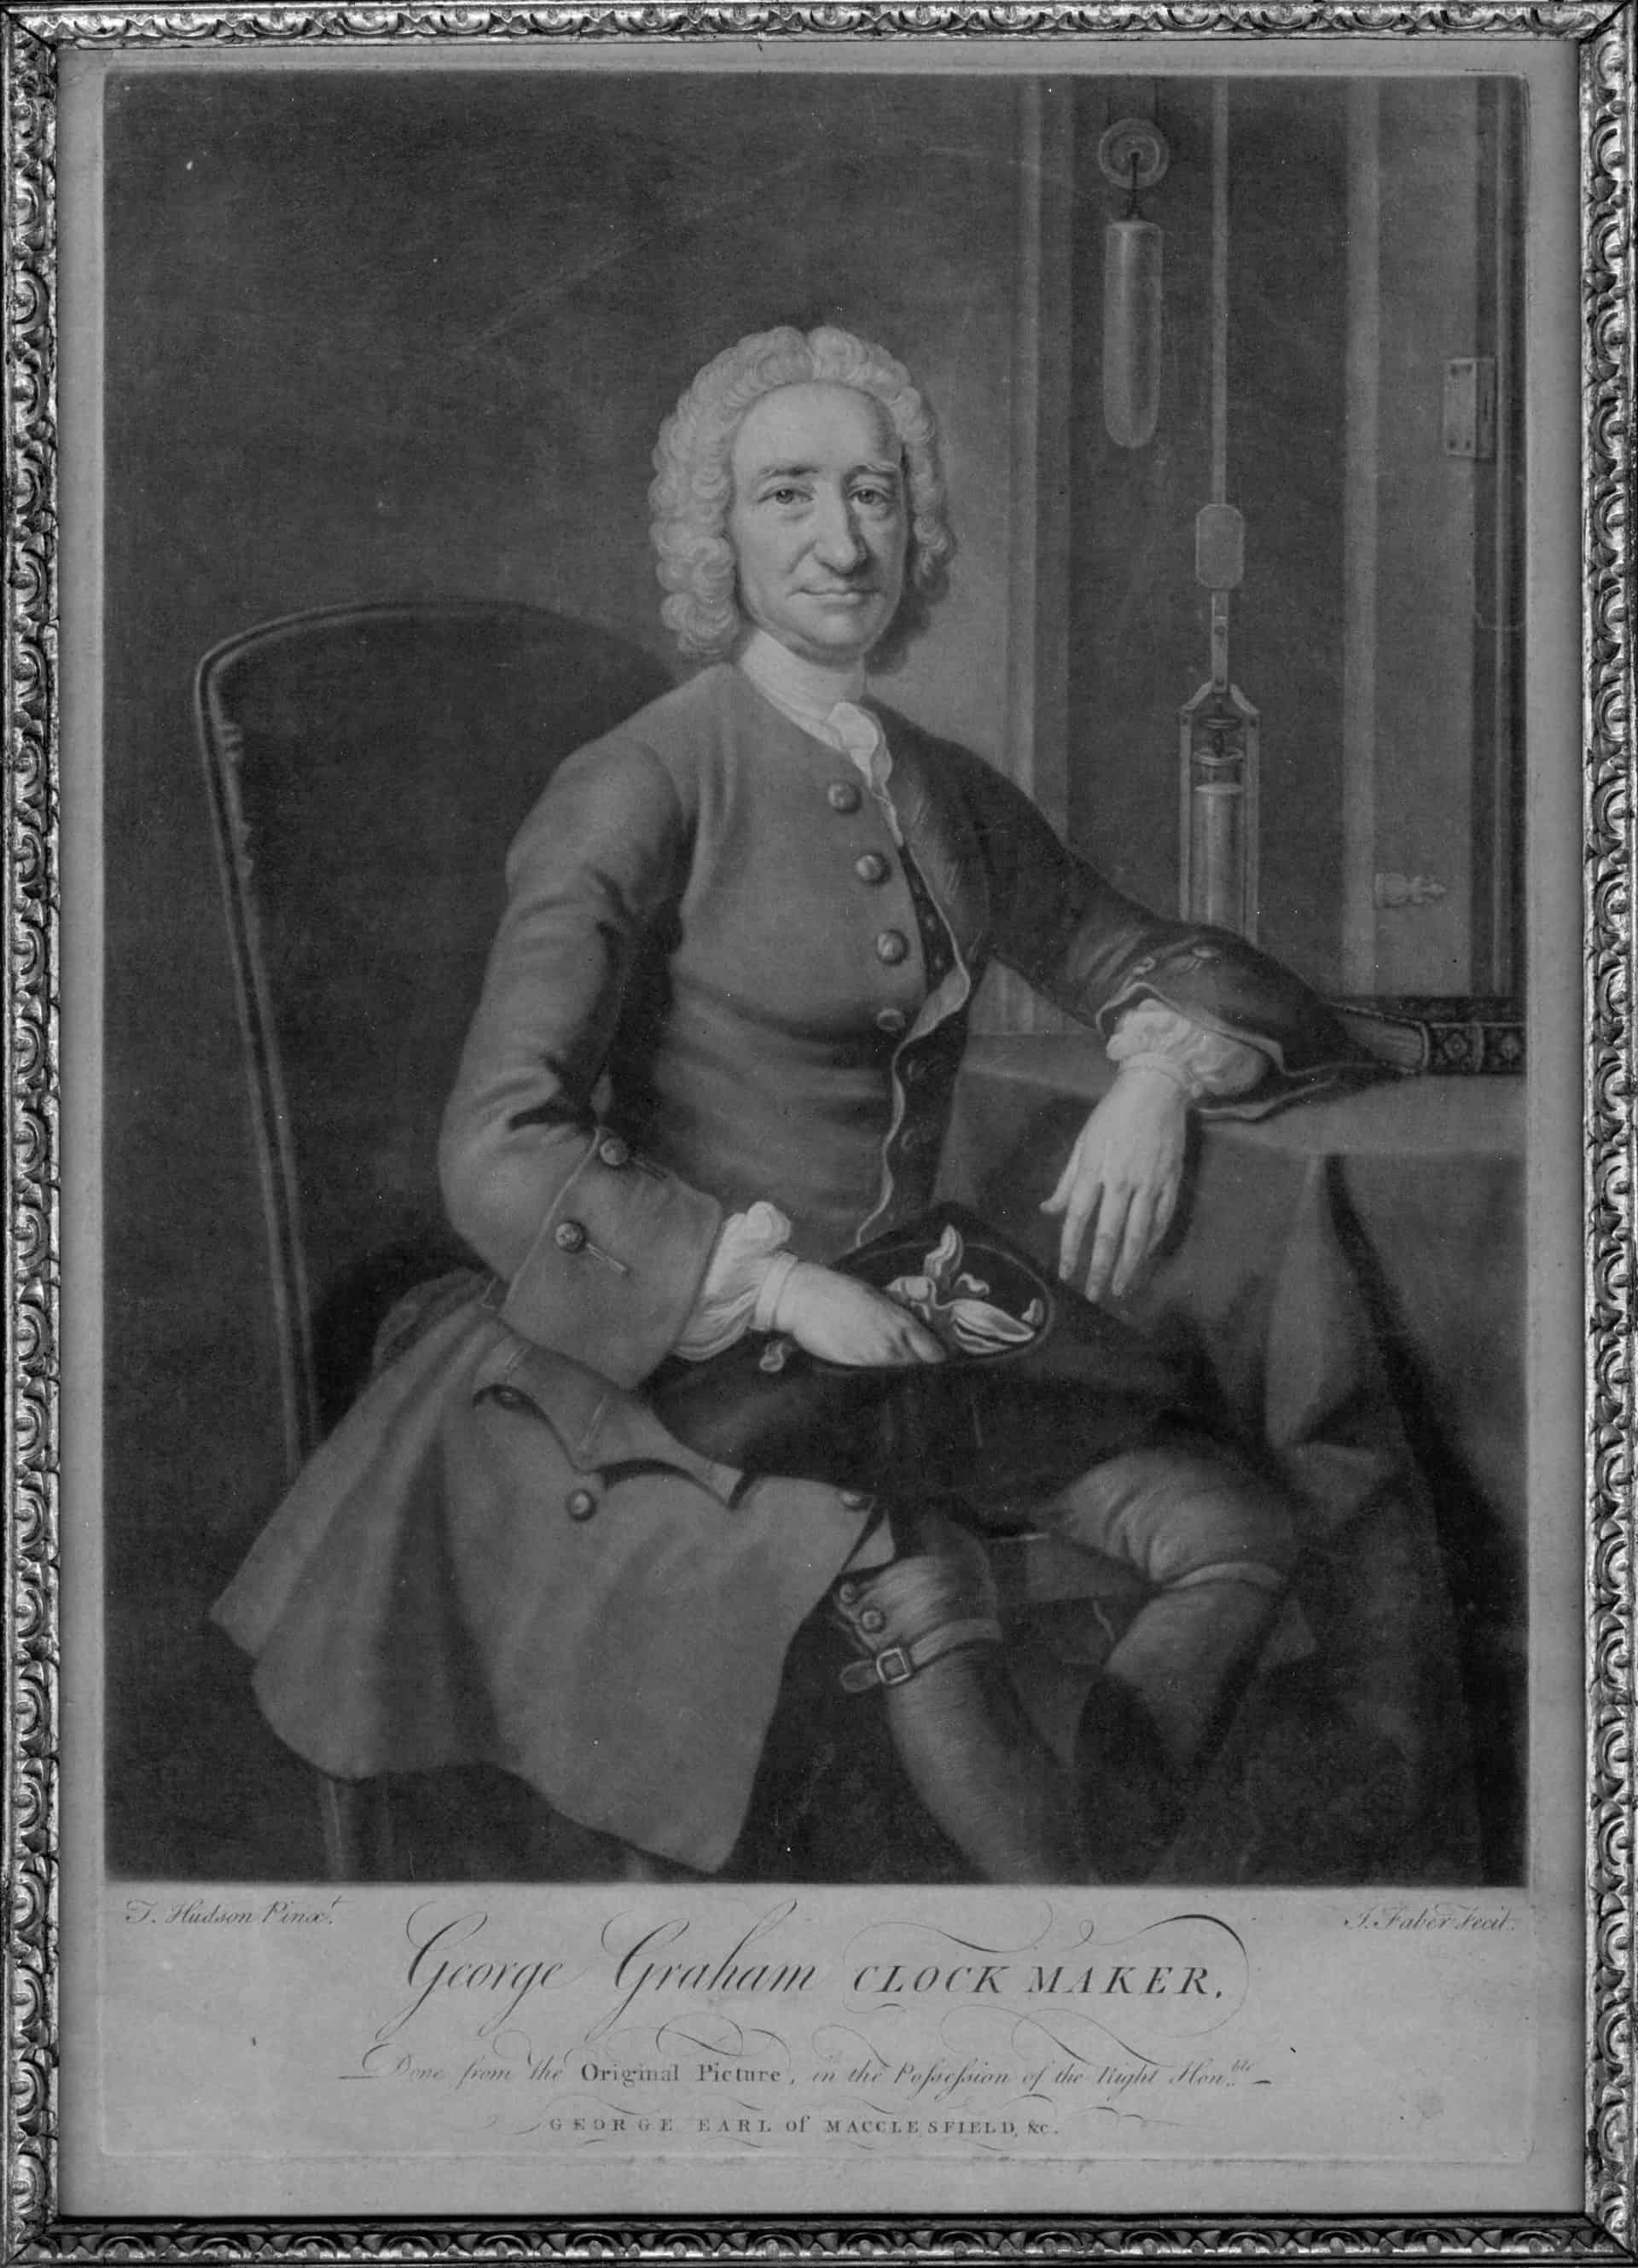 George Graham war Ende des 17. Jahrhunderts nicht nur der wohl beste Uhrmacher Englands, die von ihm entwickelte Ankeruhr revolutionierte den damaligen Uhrenbau